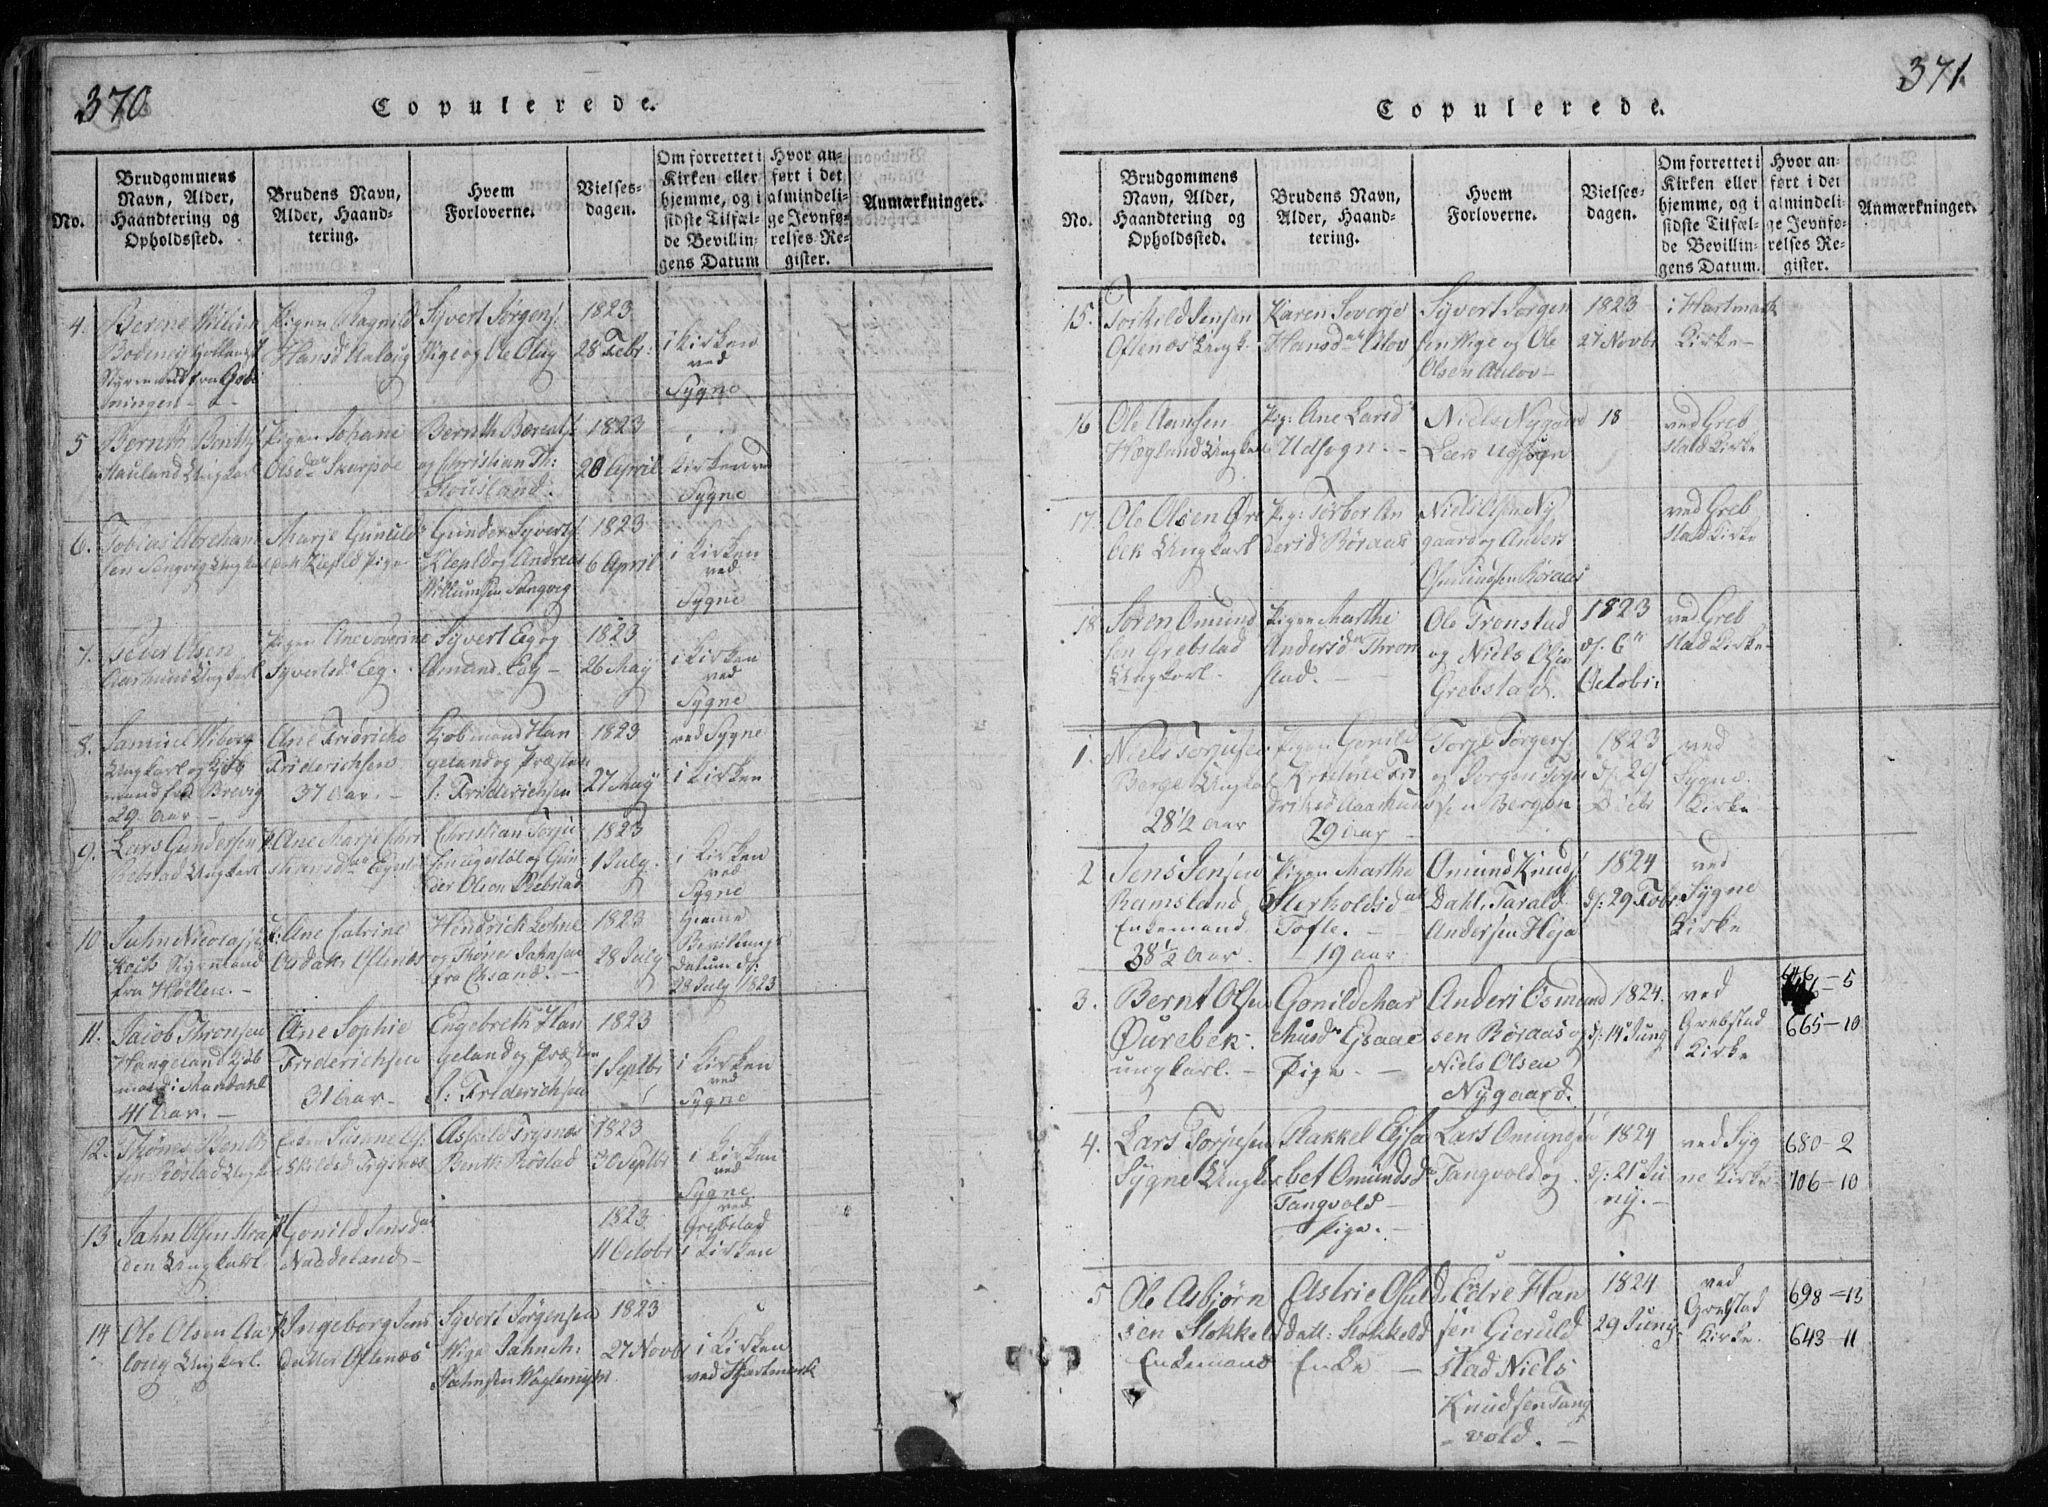 SAK, Søgne sokneprestkontor, F/Fb/Fbb/L0002: Klokkerbok nr. B 2, 1821-1838, s. 370-371